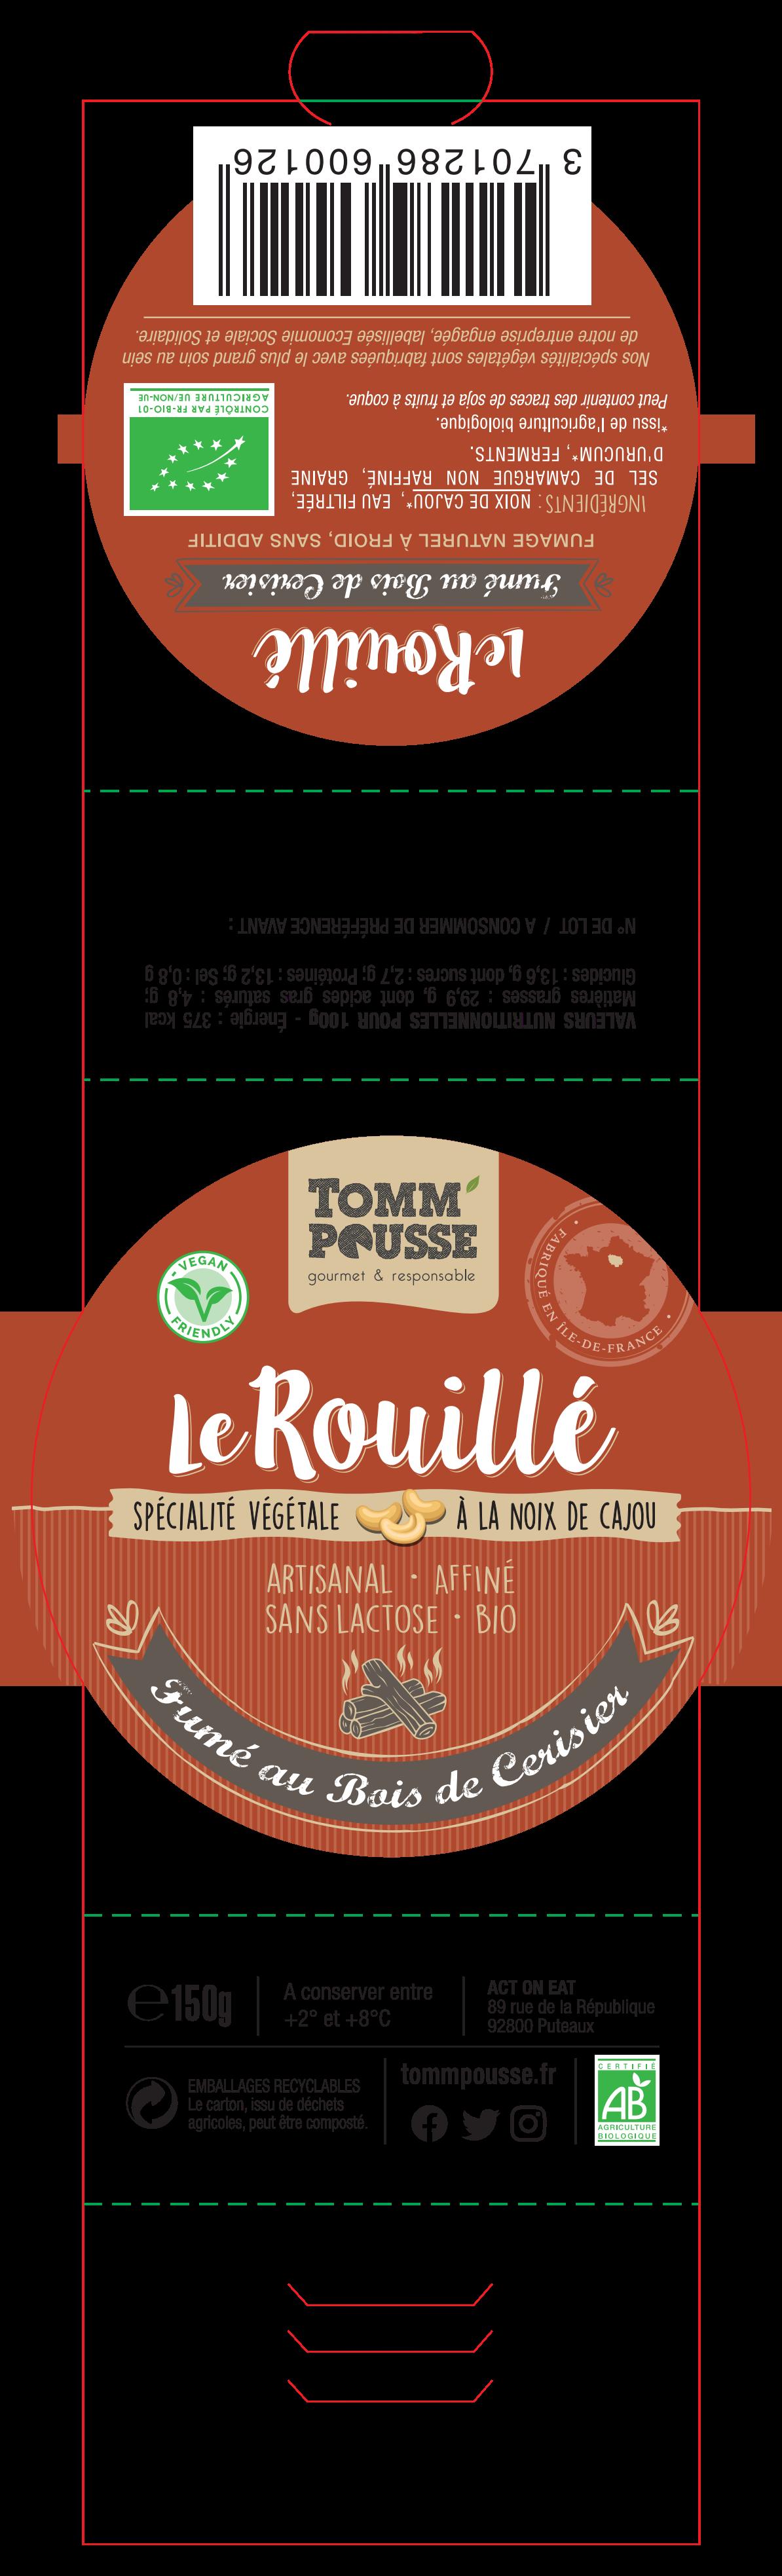 Label for Le Rouillé, fumé au bois de cerisier + Updates of current labels